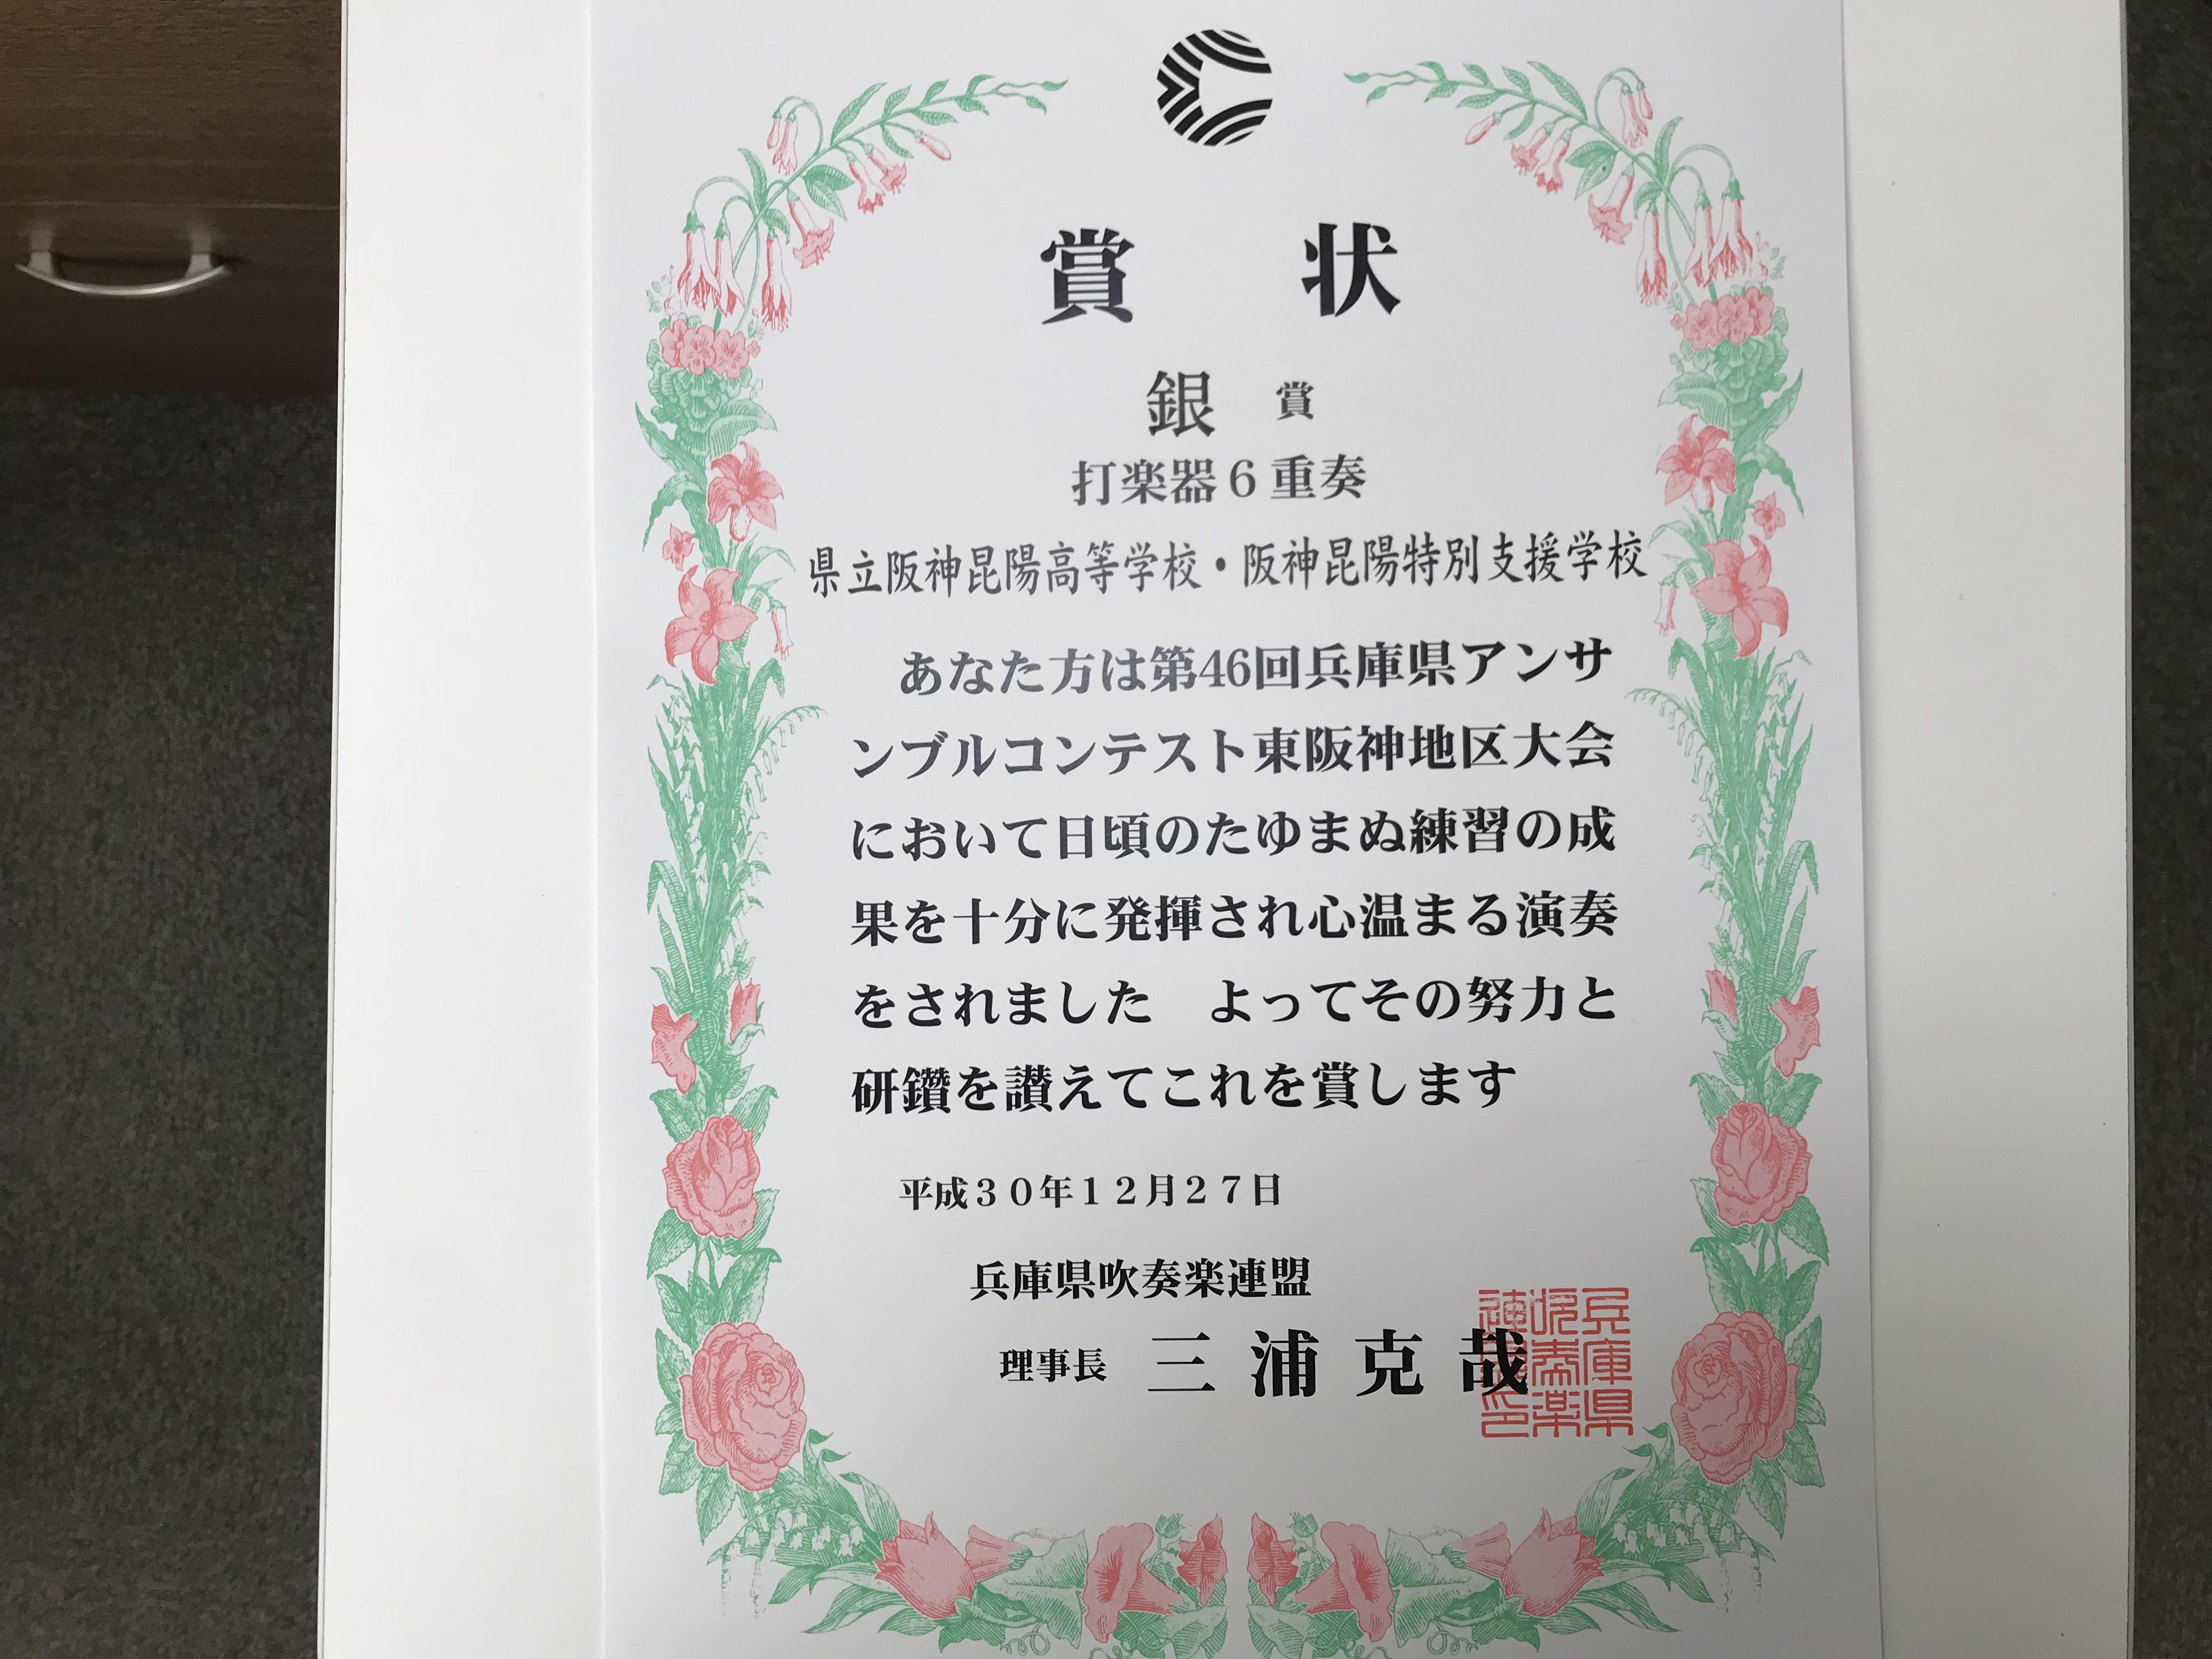 兵庫 県 アンサンブル コンテスト